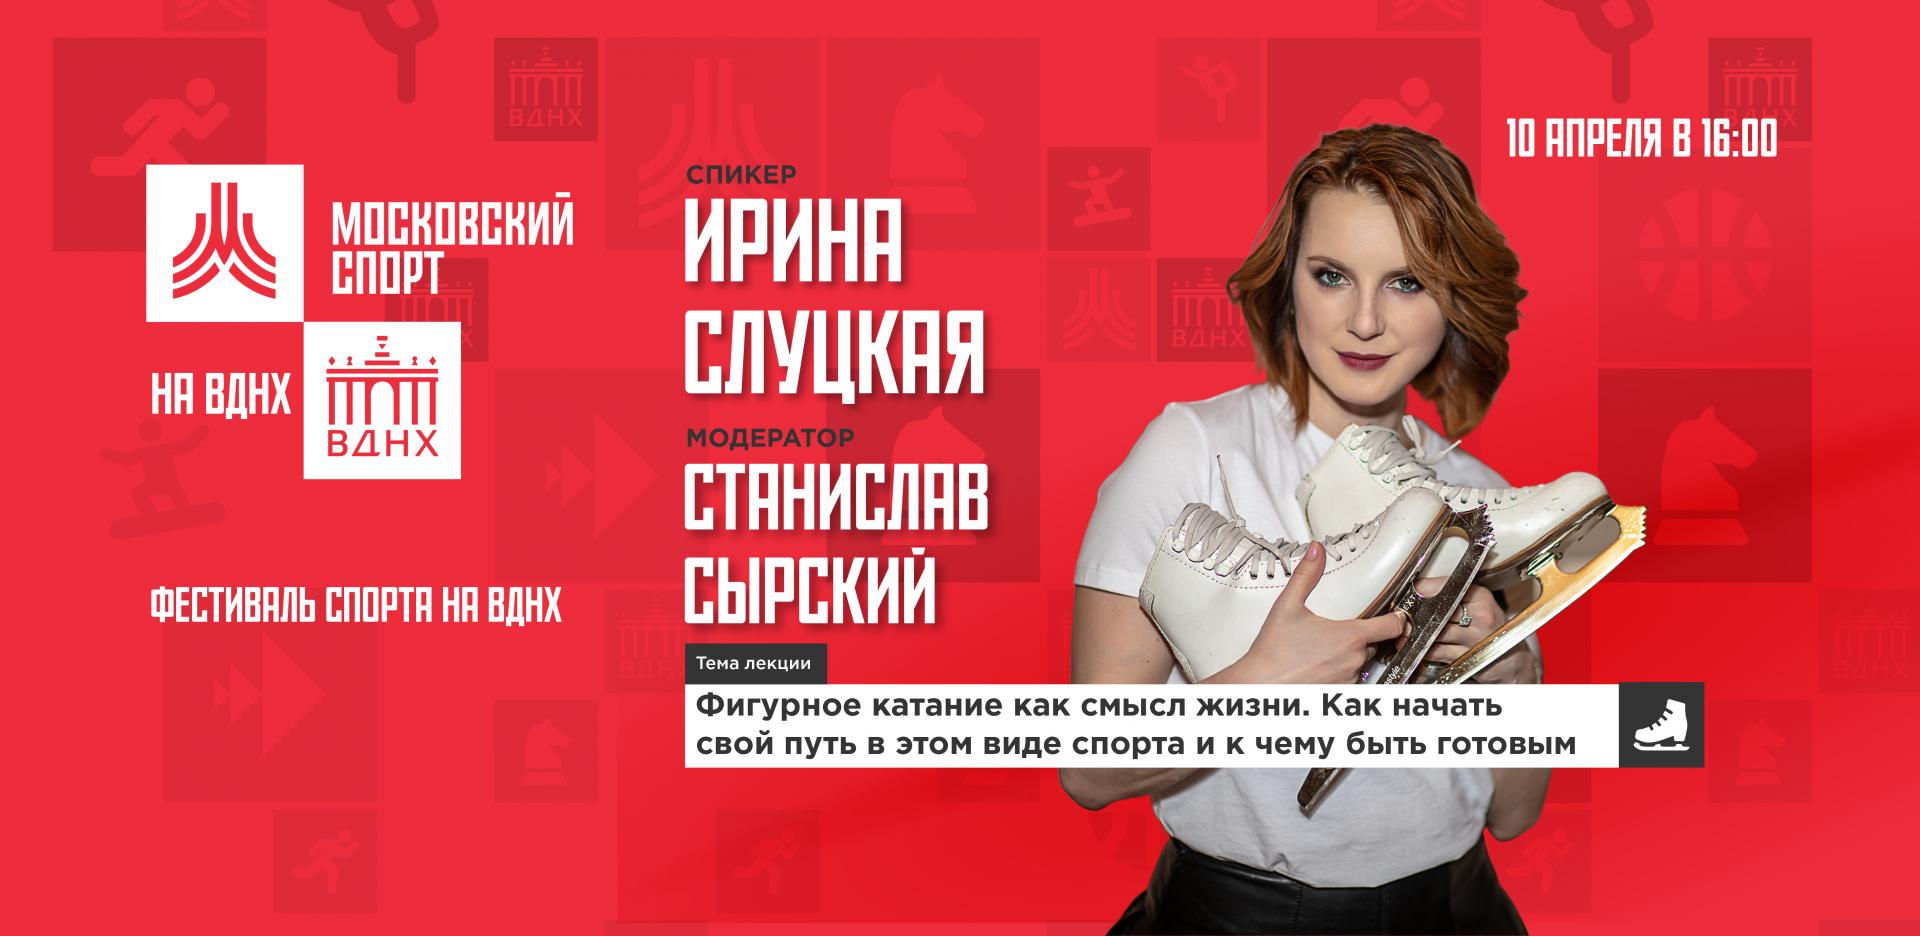 Фигуристка Ирина Слуцкая выступит в рамках Весеннего фестиваля спорта на ВДНХ 10 апреля